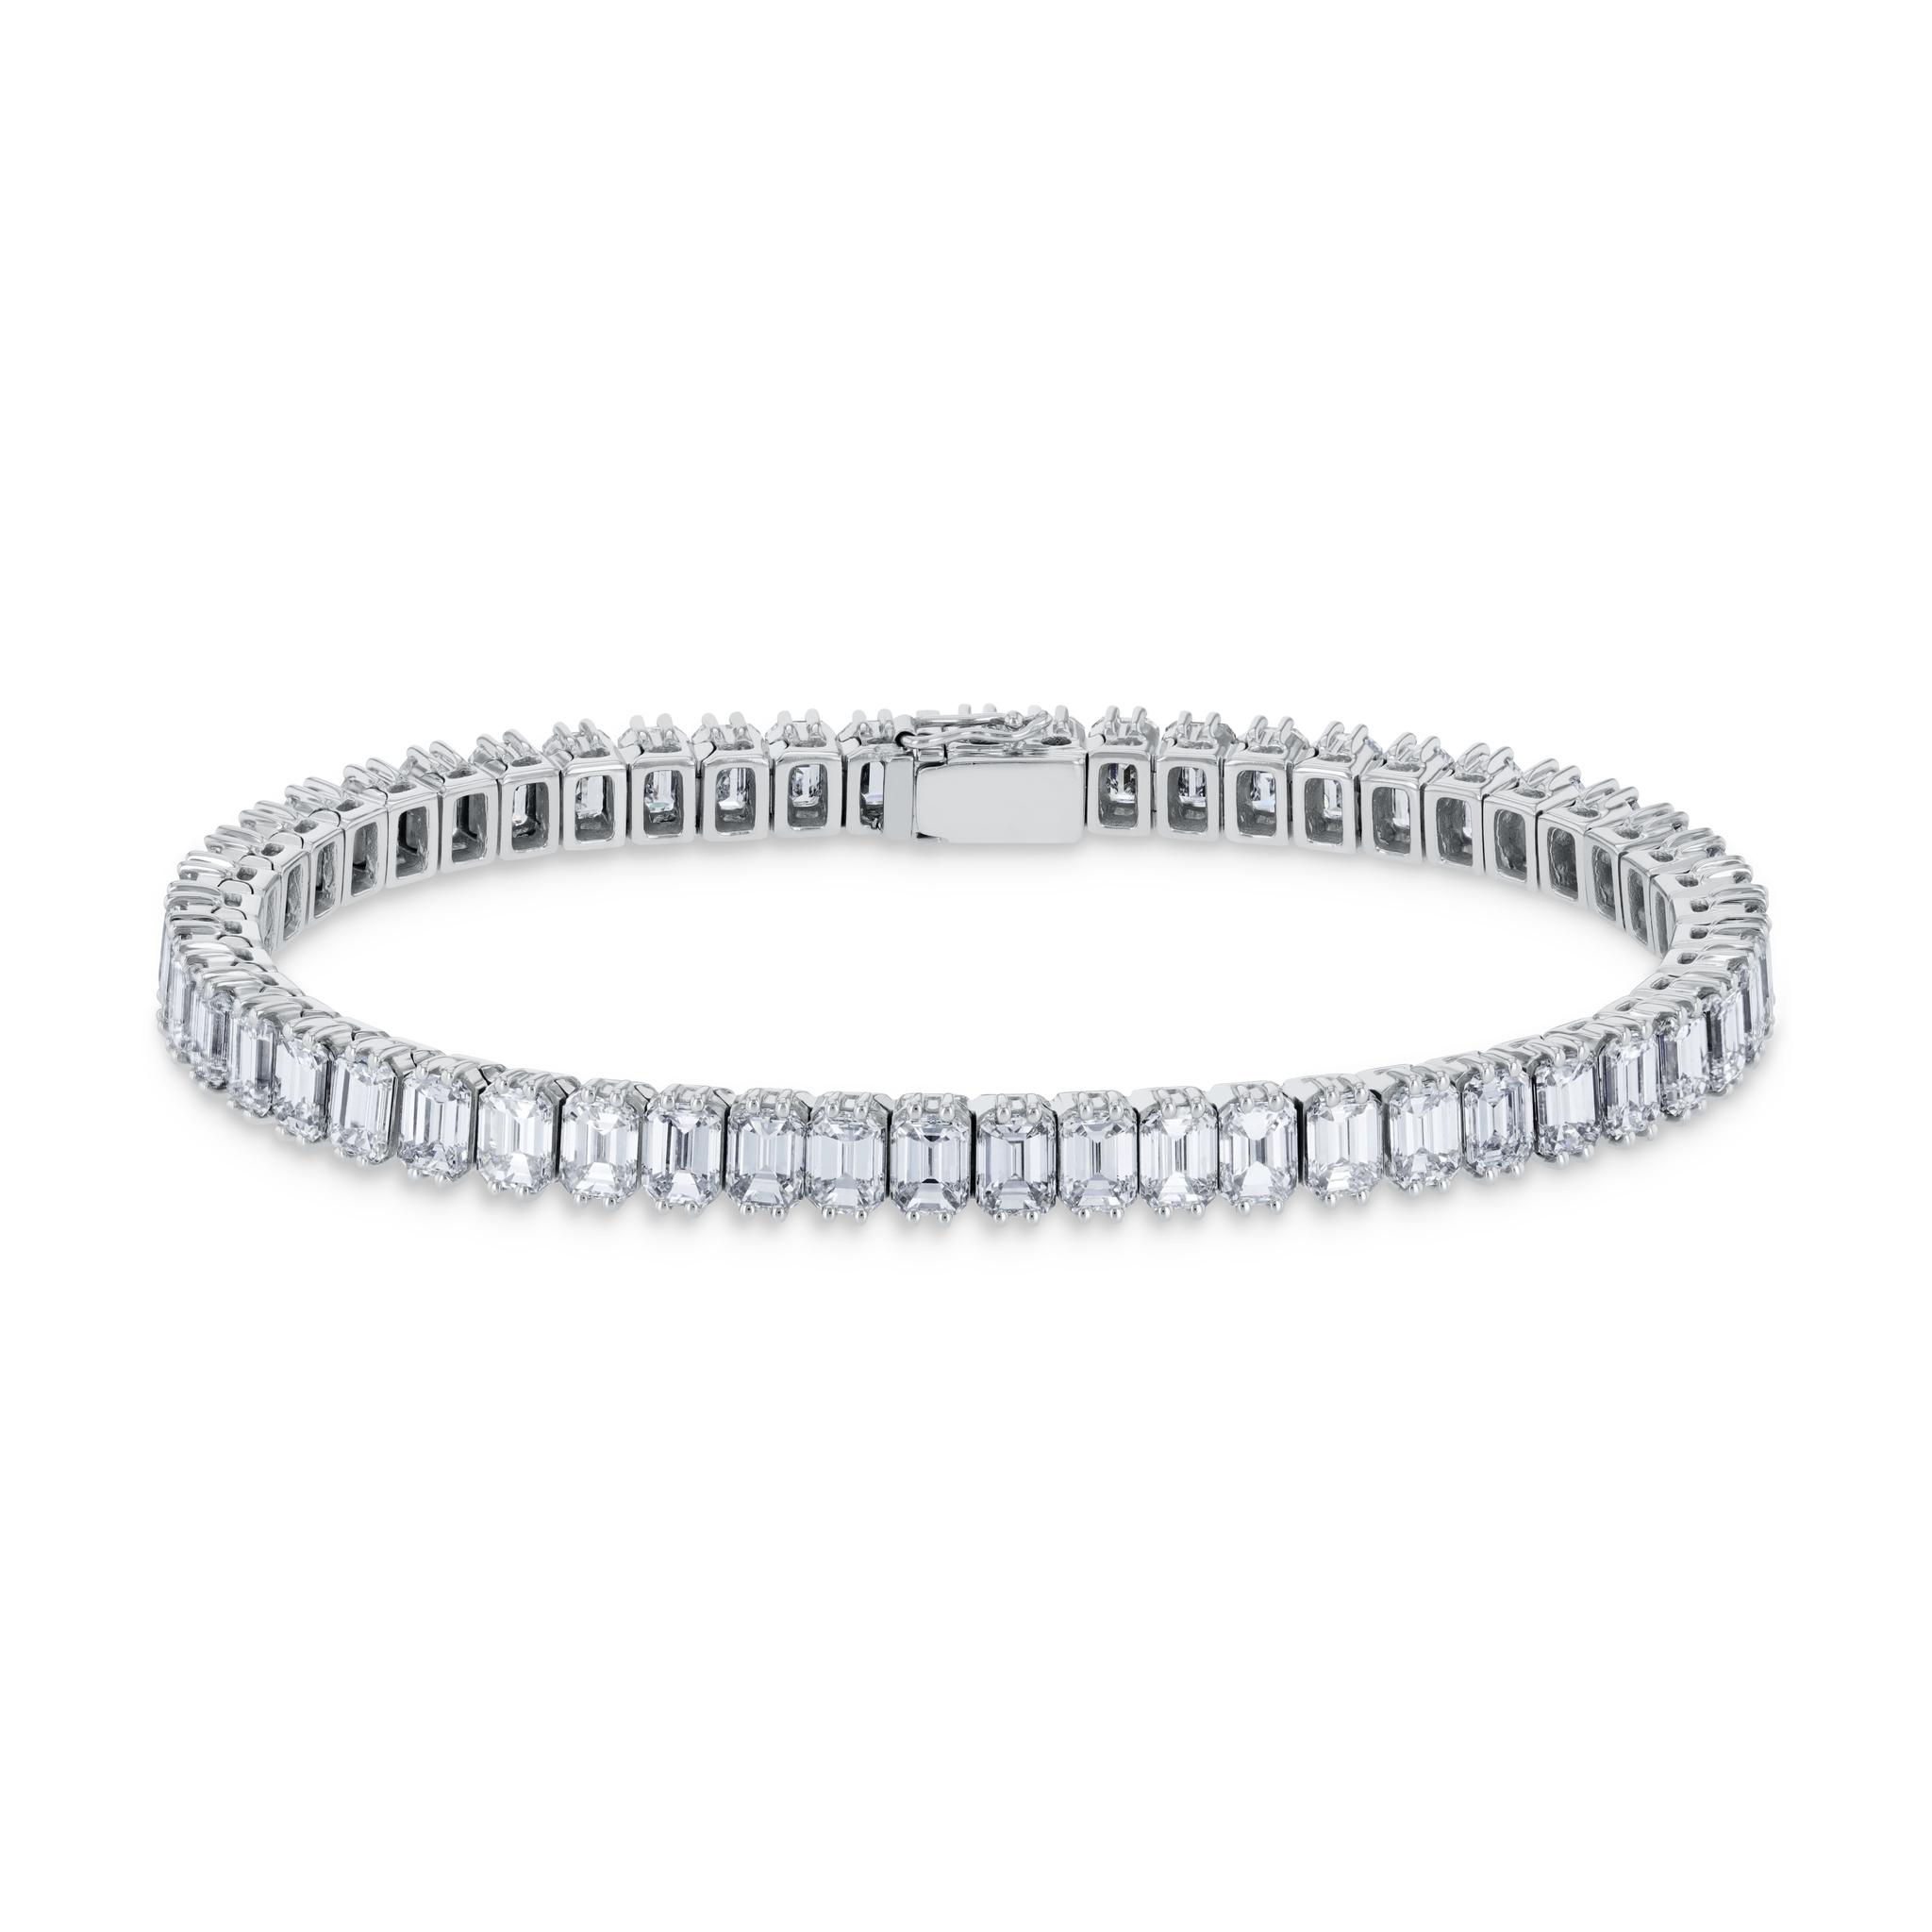 Rivière Bracelet mit Diamanten